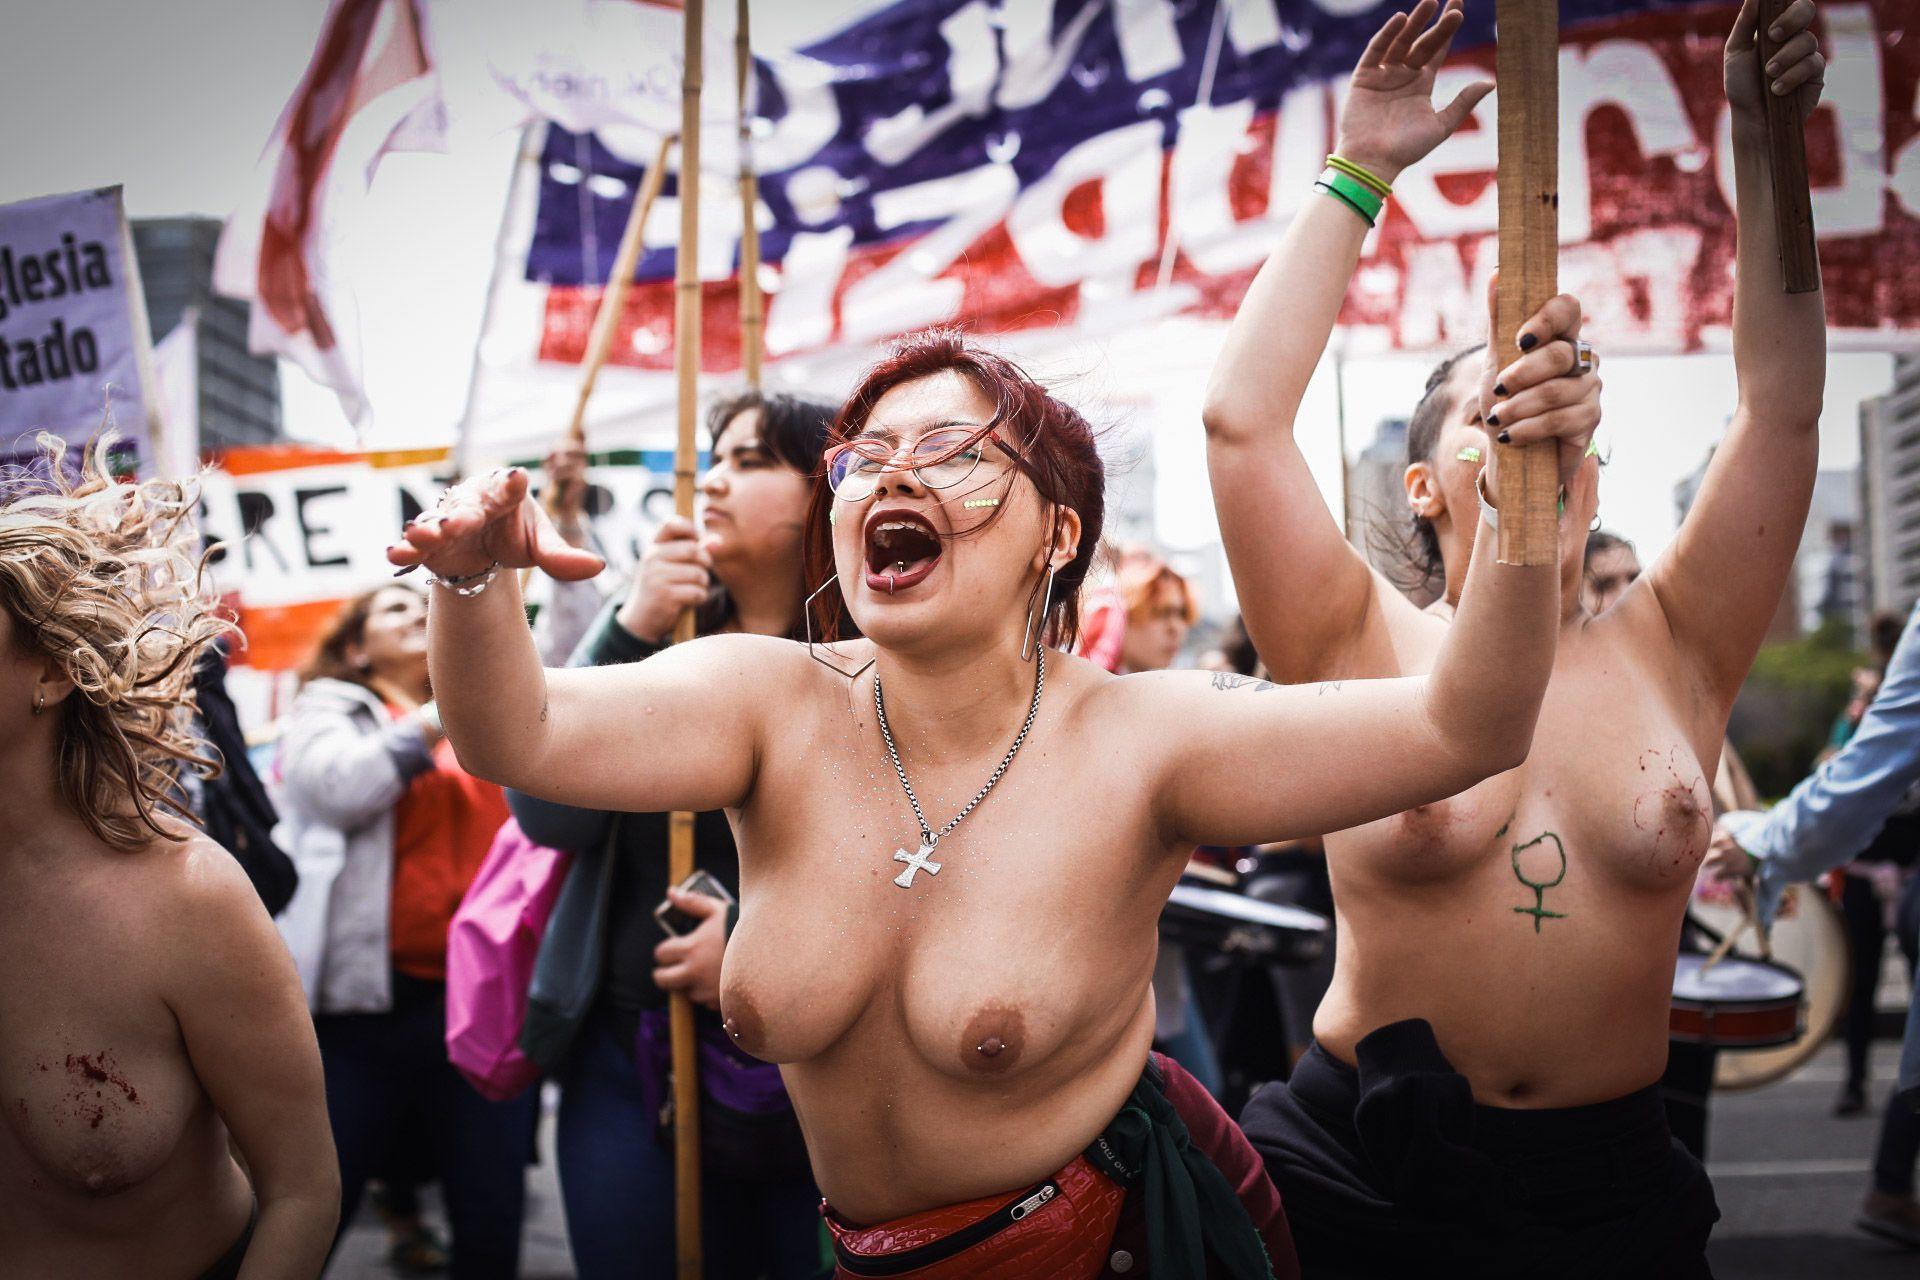 """El frío no logró apabullar a las chicas que marchaban en tetas con consignas pintadas en sus torsos, festejando la libertad de sus cuerpos, rodeadas de otras mujeres, seguras. """"Mi cuerpo, mi decisión"""""""